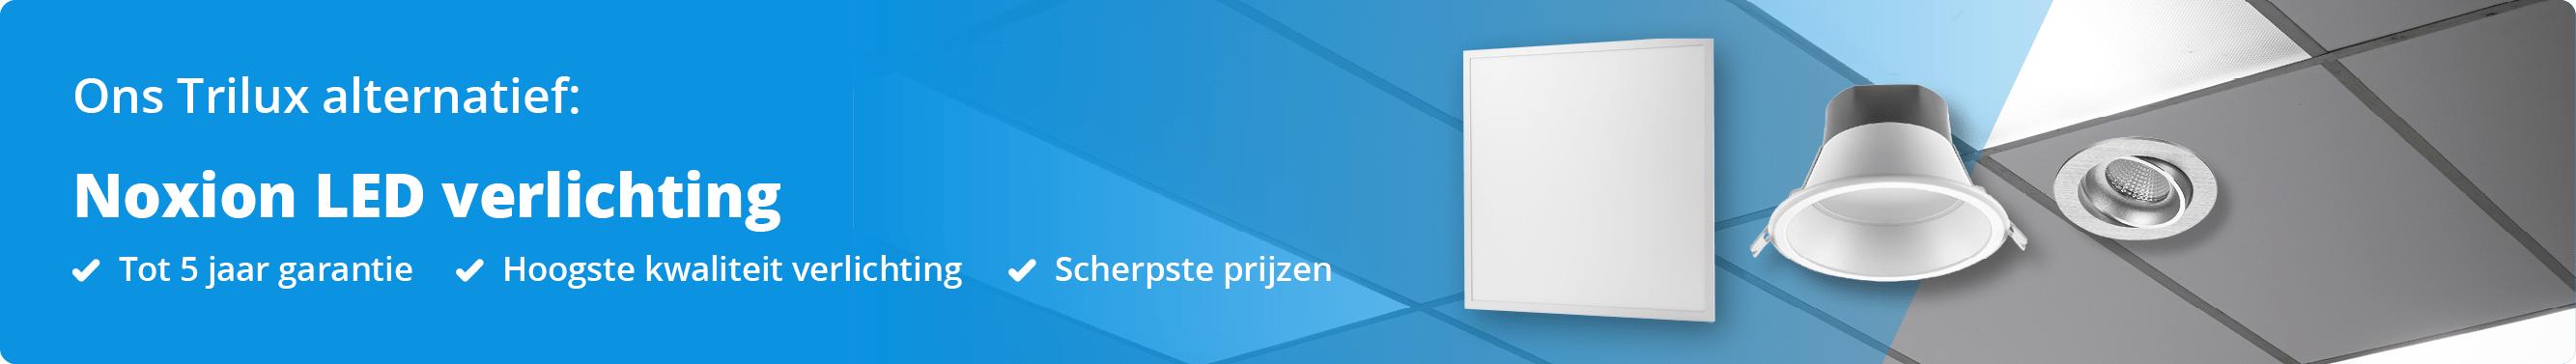 Trilux mainpage banner Nederlands